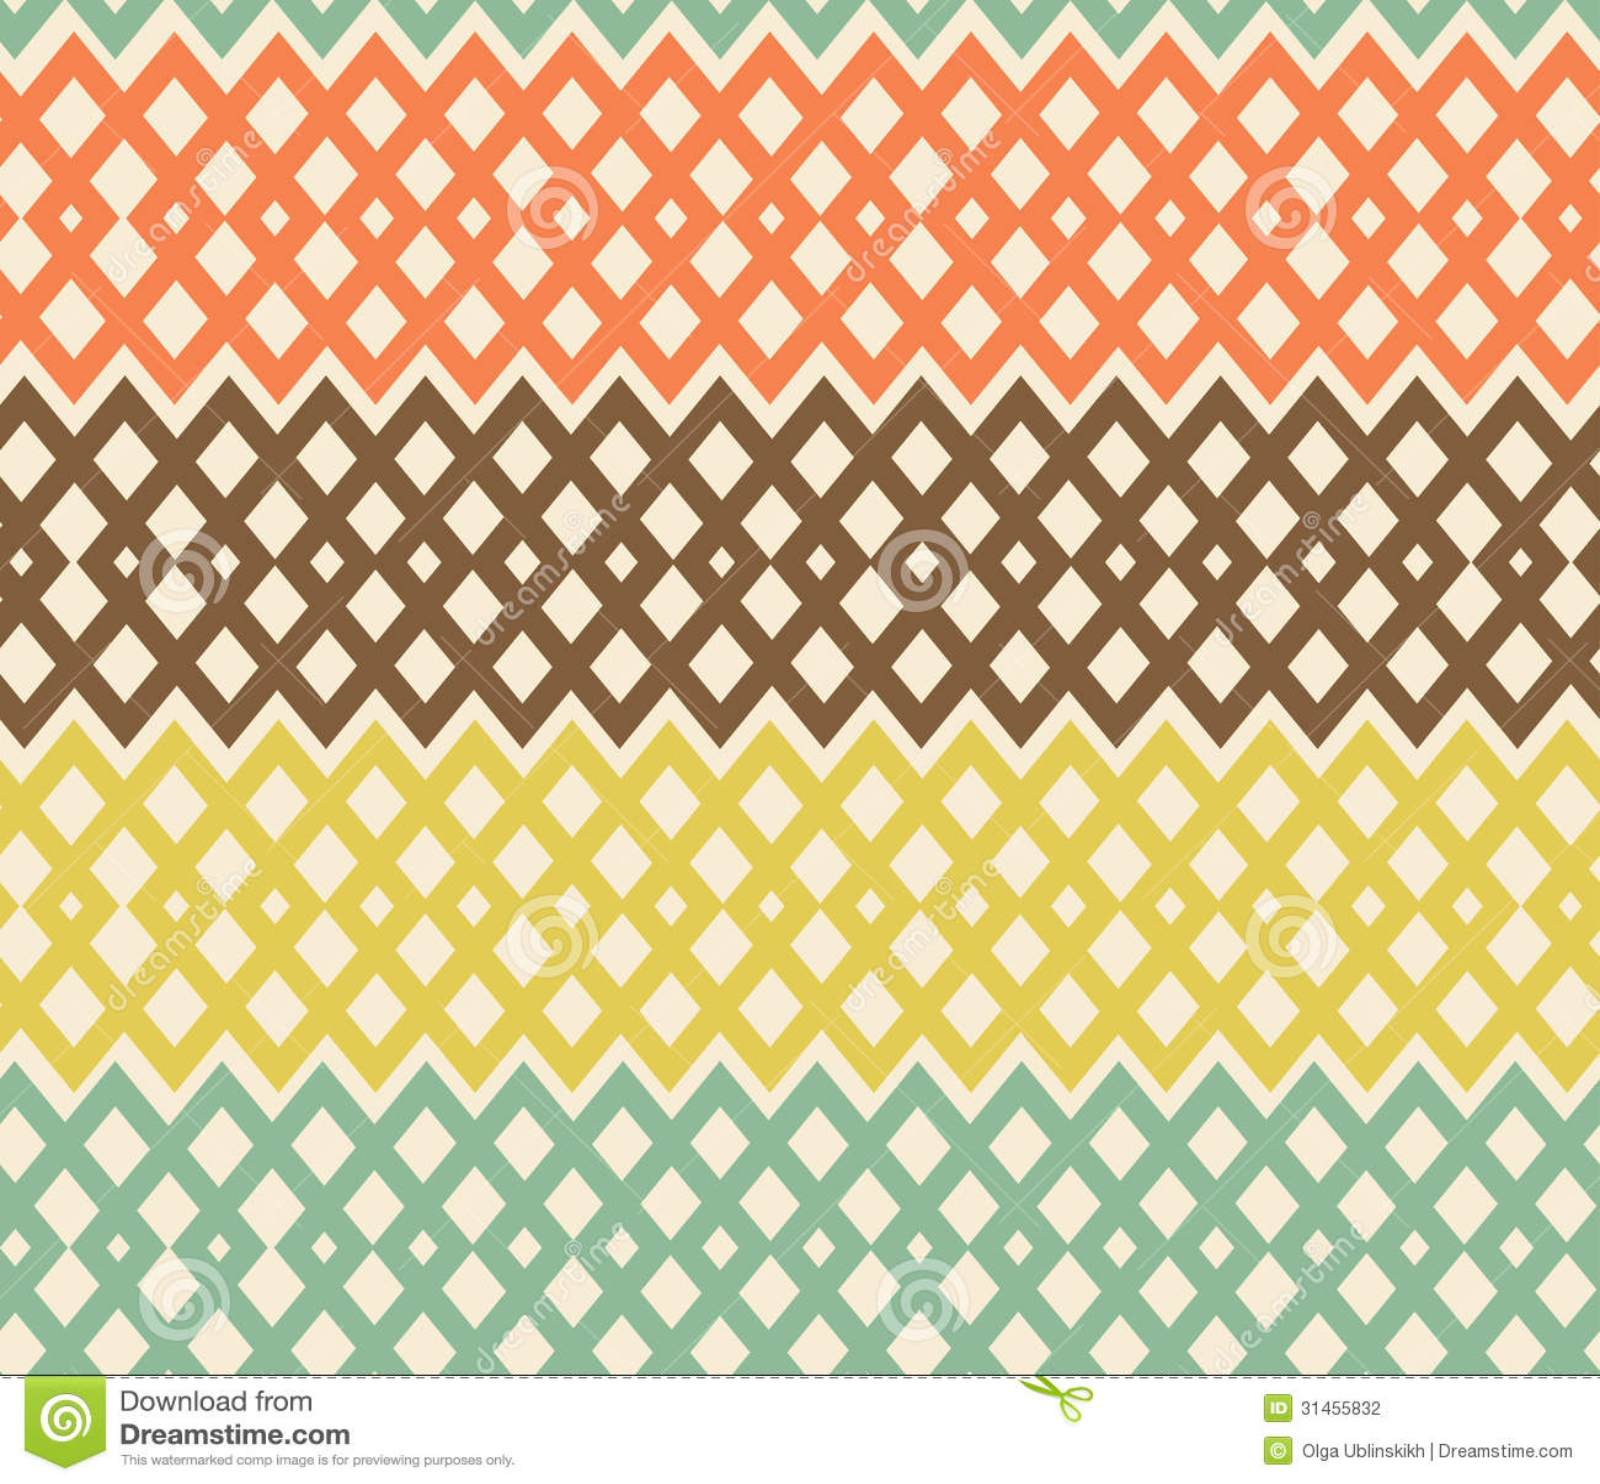 Modèle sans couture coloré géométrique. Struc de fabrication